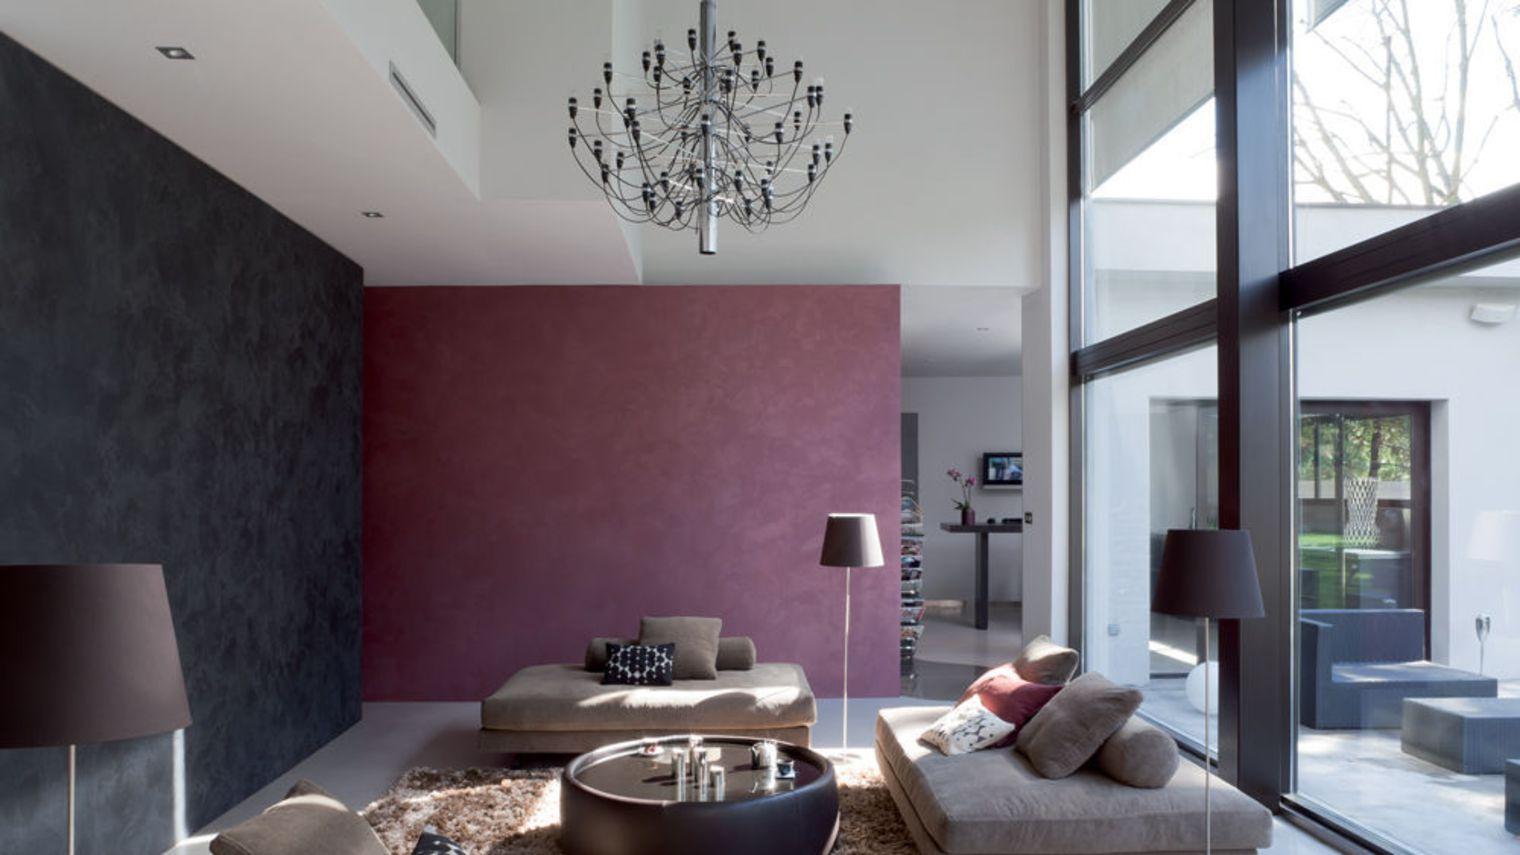 organisation décoration maison peinture papier peint